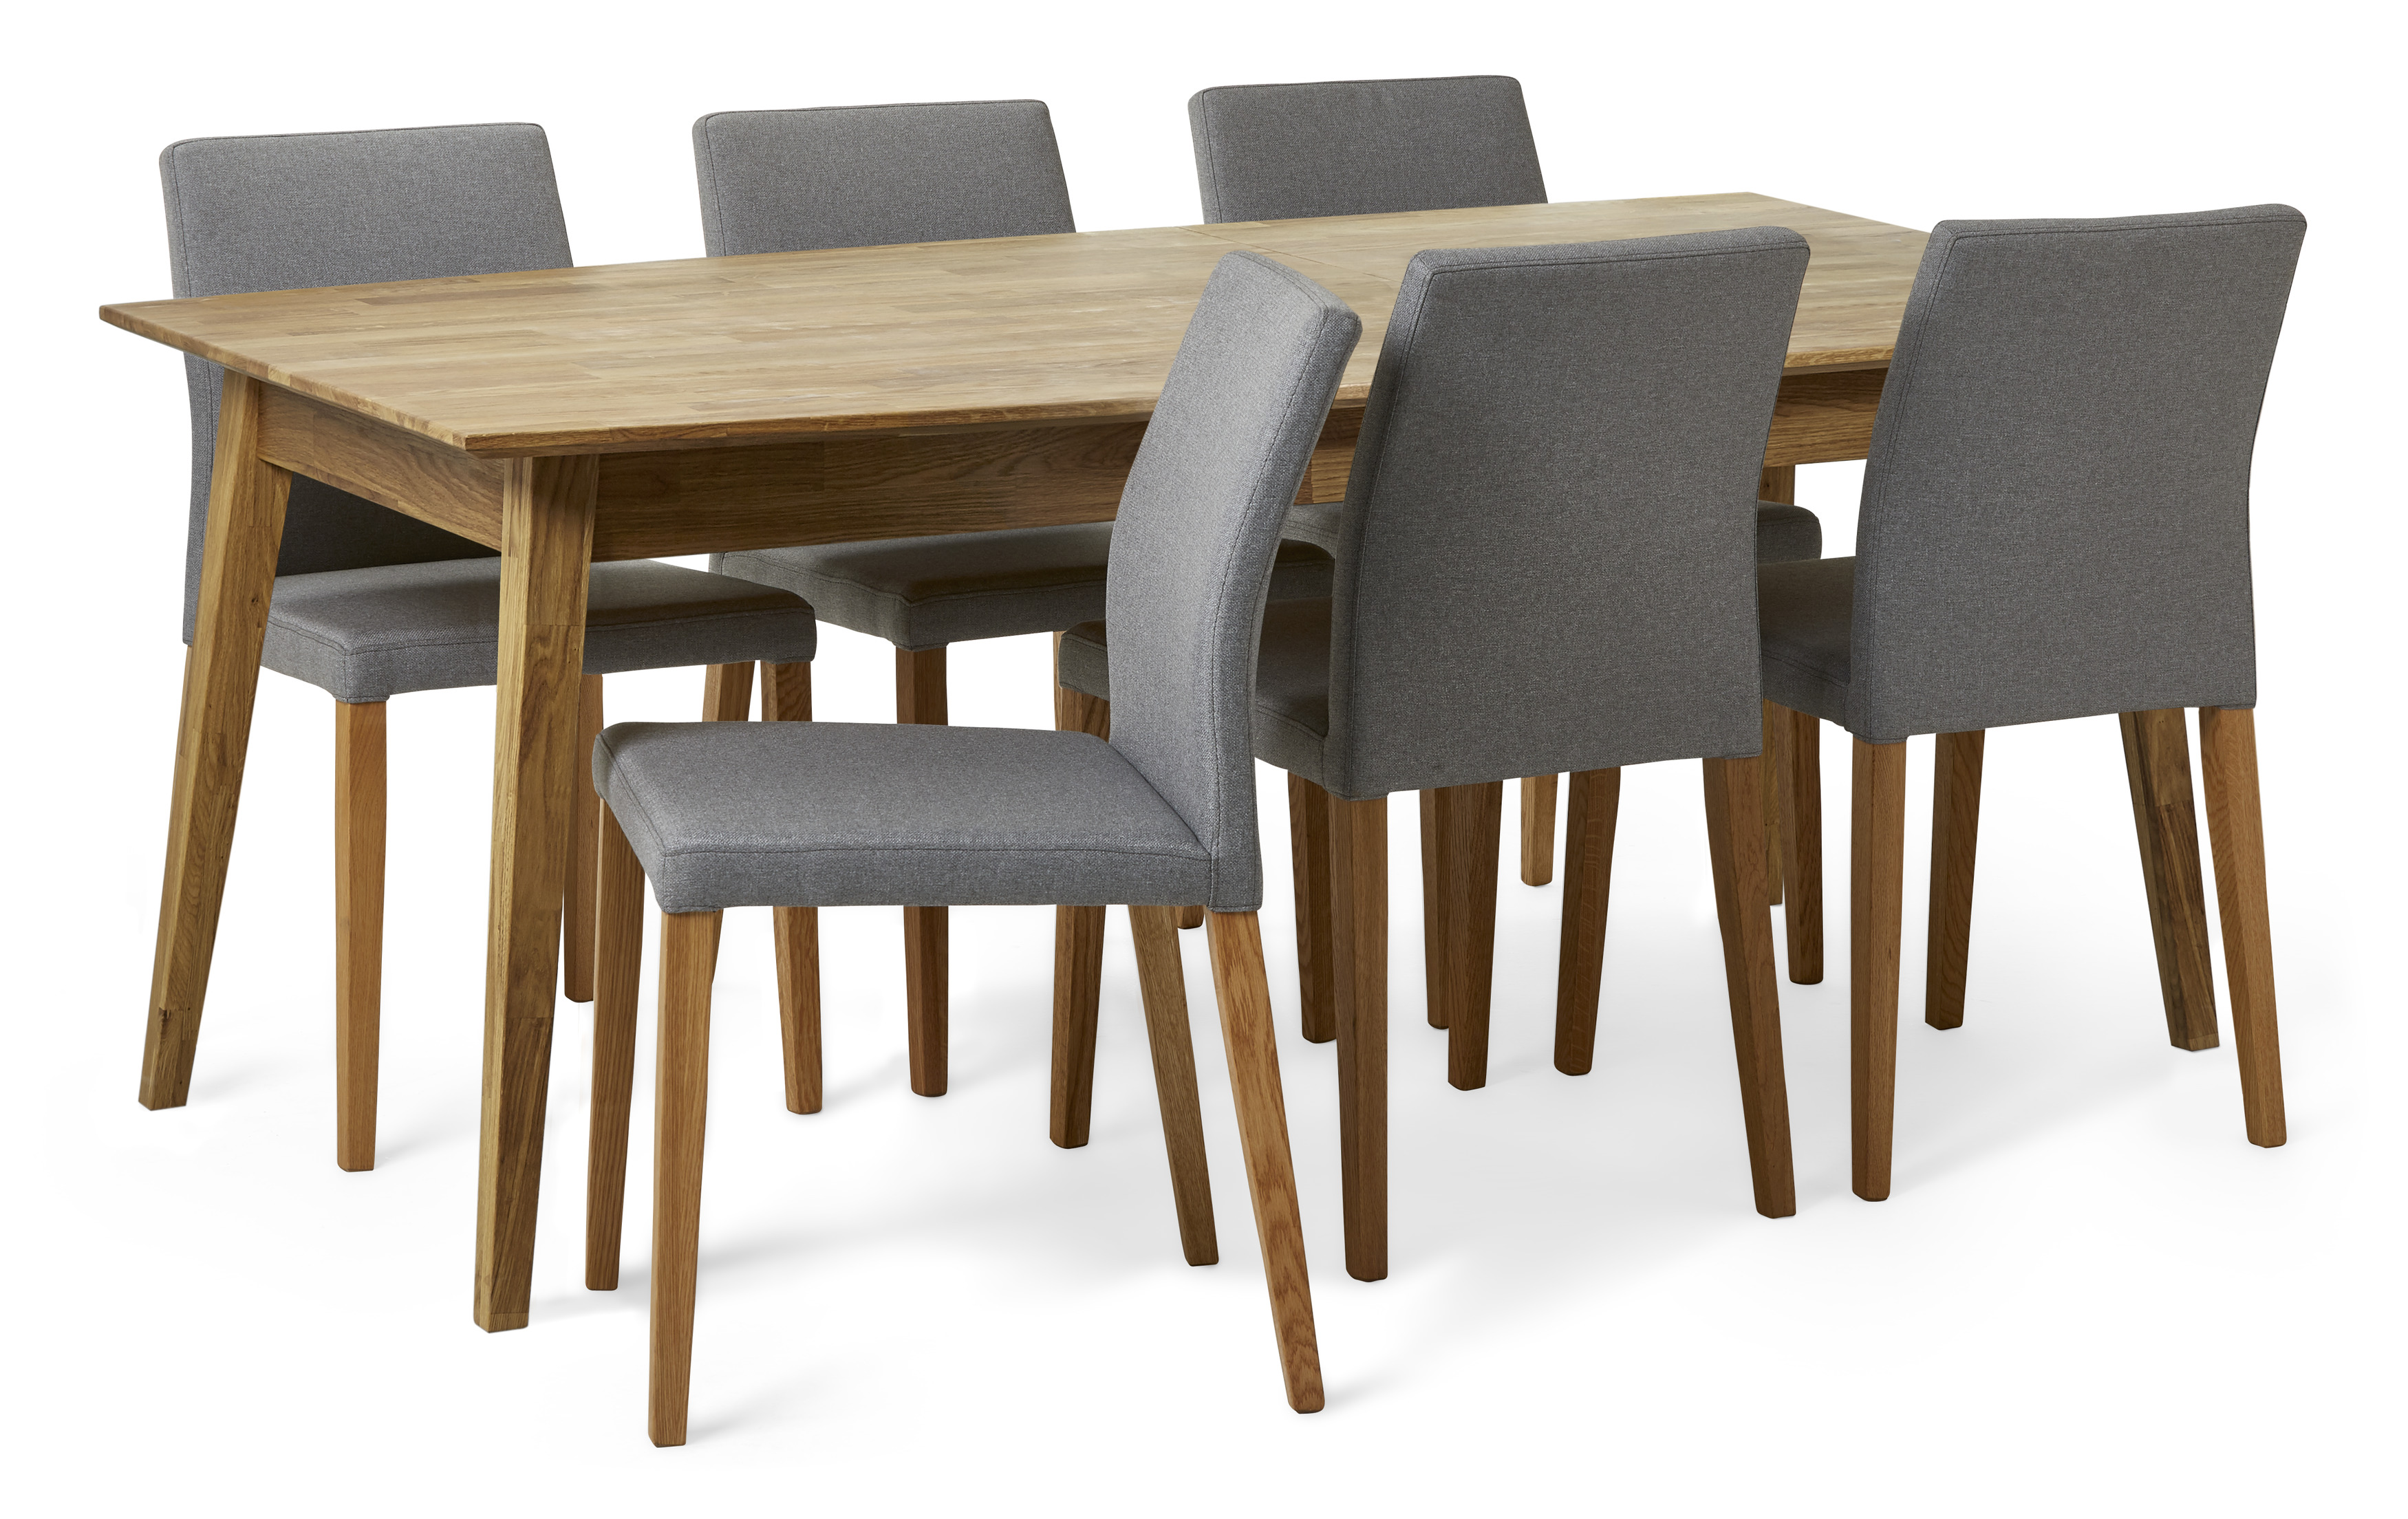 Ekerö Matgrupp med 6 stolar Sixten | Mio | Stolar, Matbord